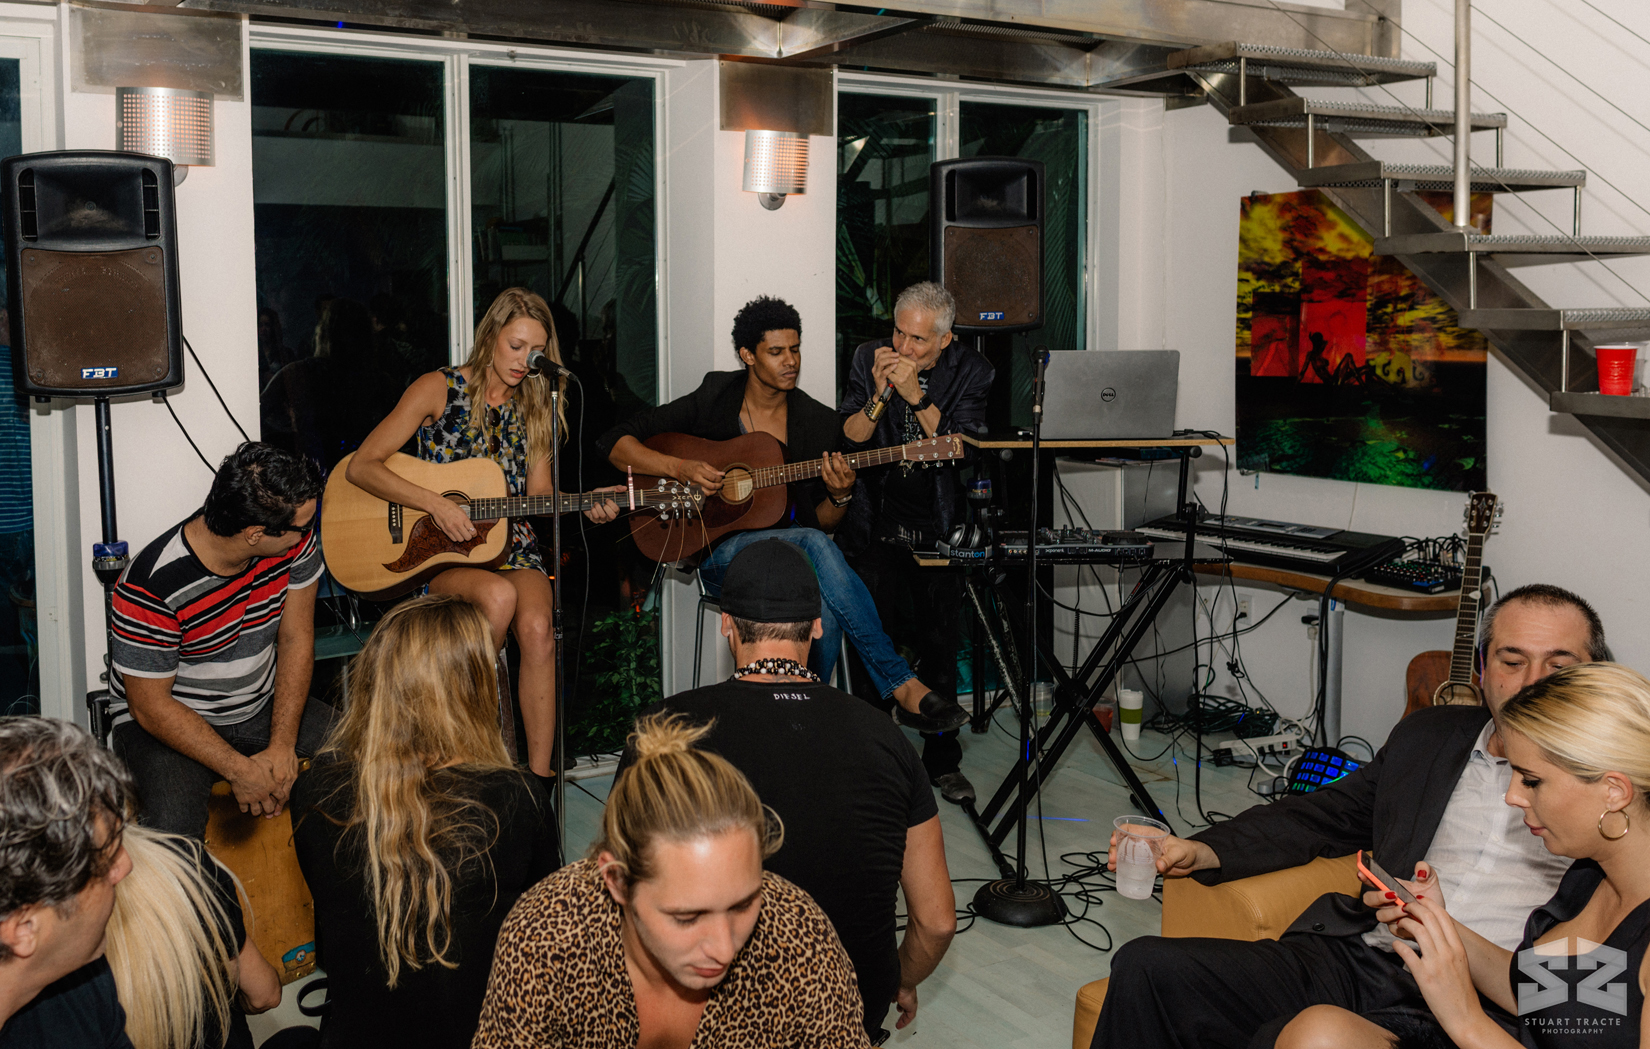 palm-island-party-nov-5-2015-10